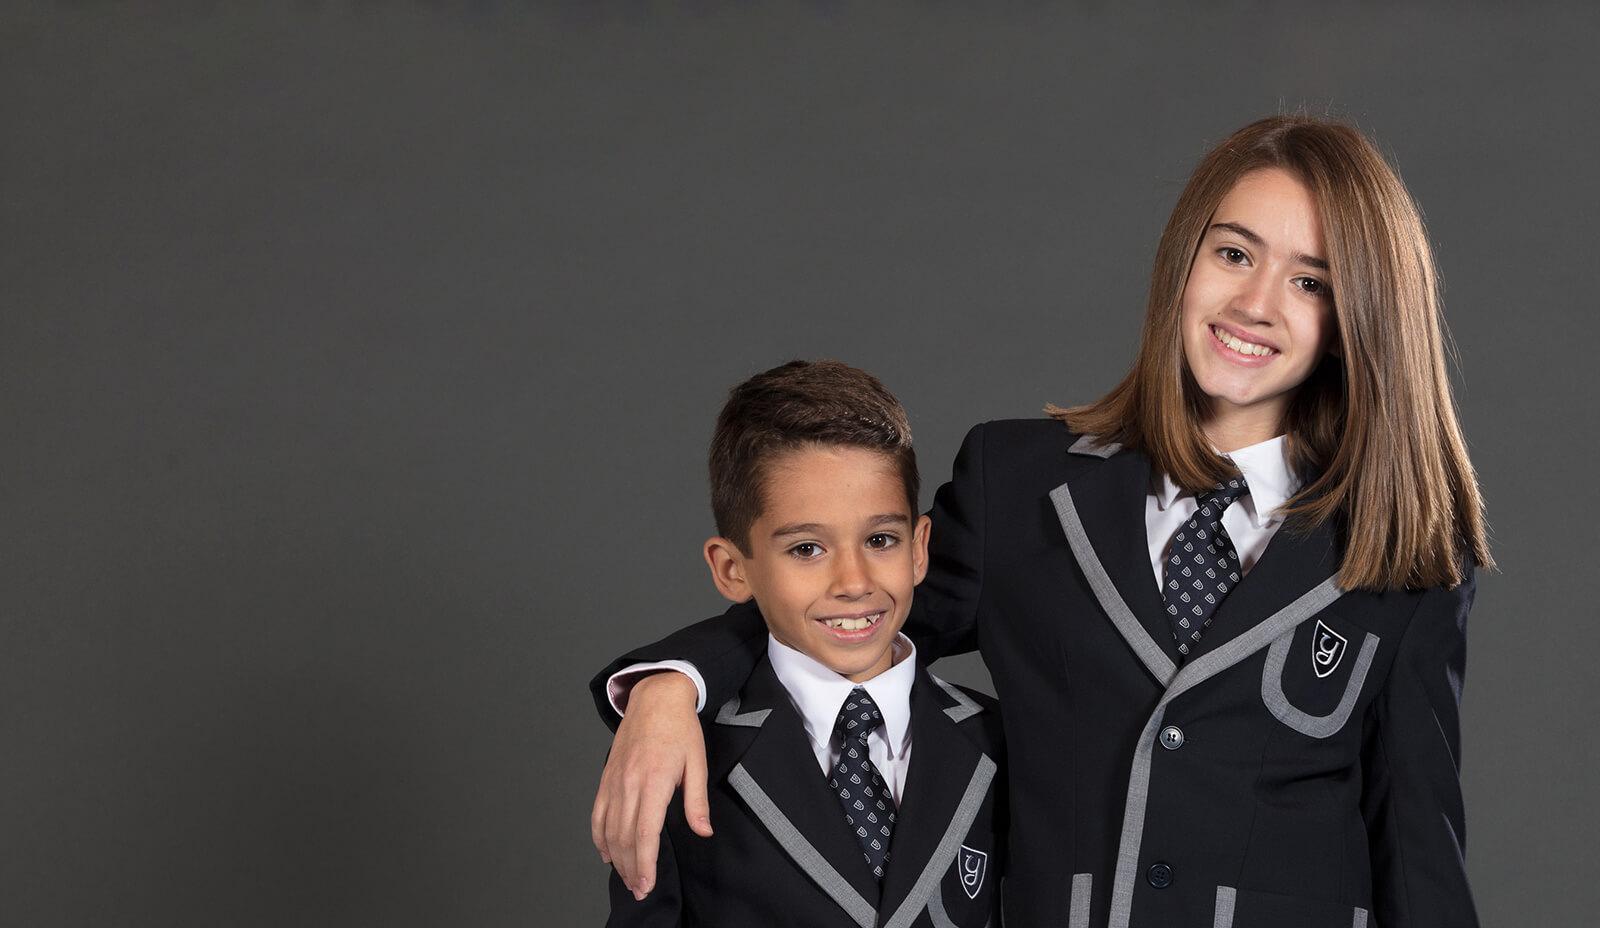 uniformes-escolares-personalización-profesionalidad-confianza-precio